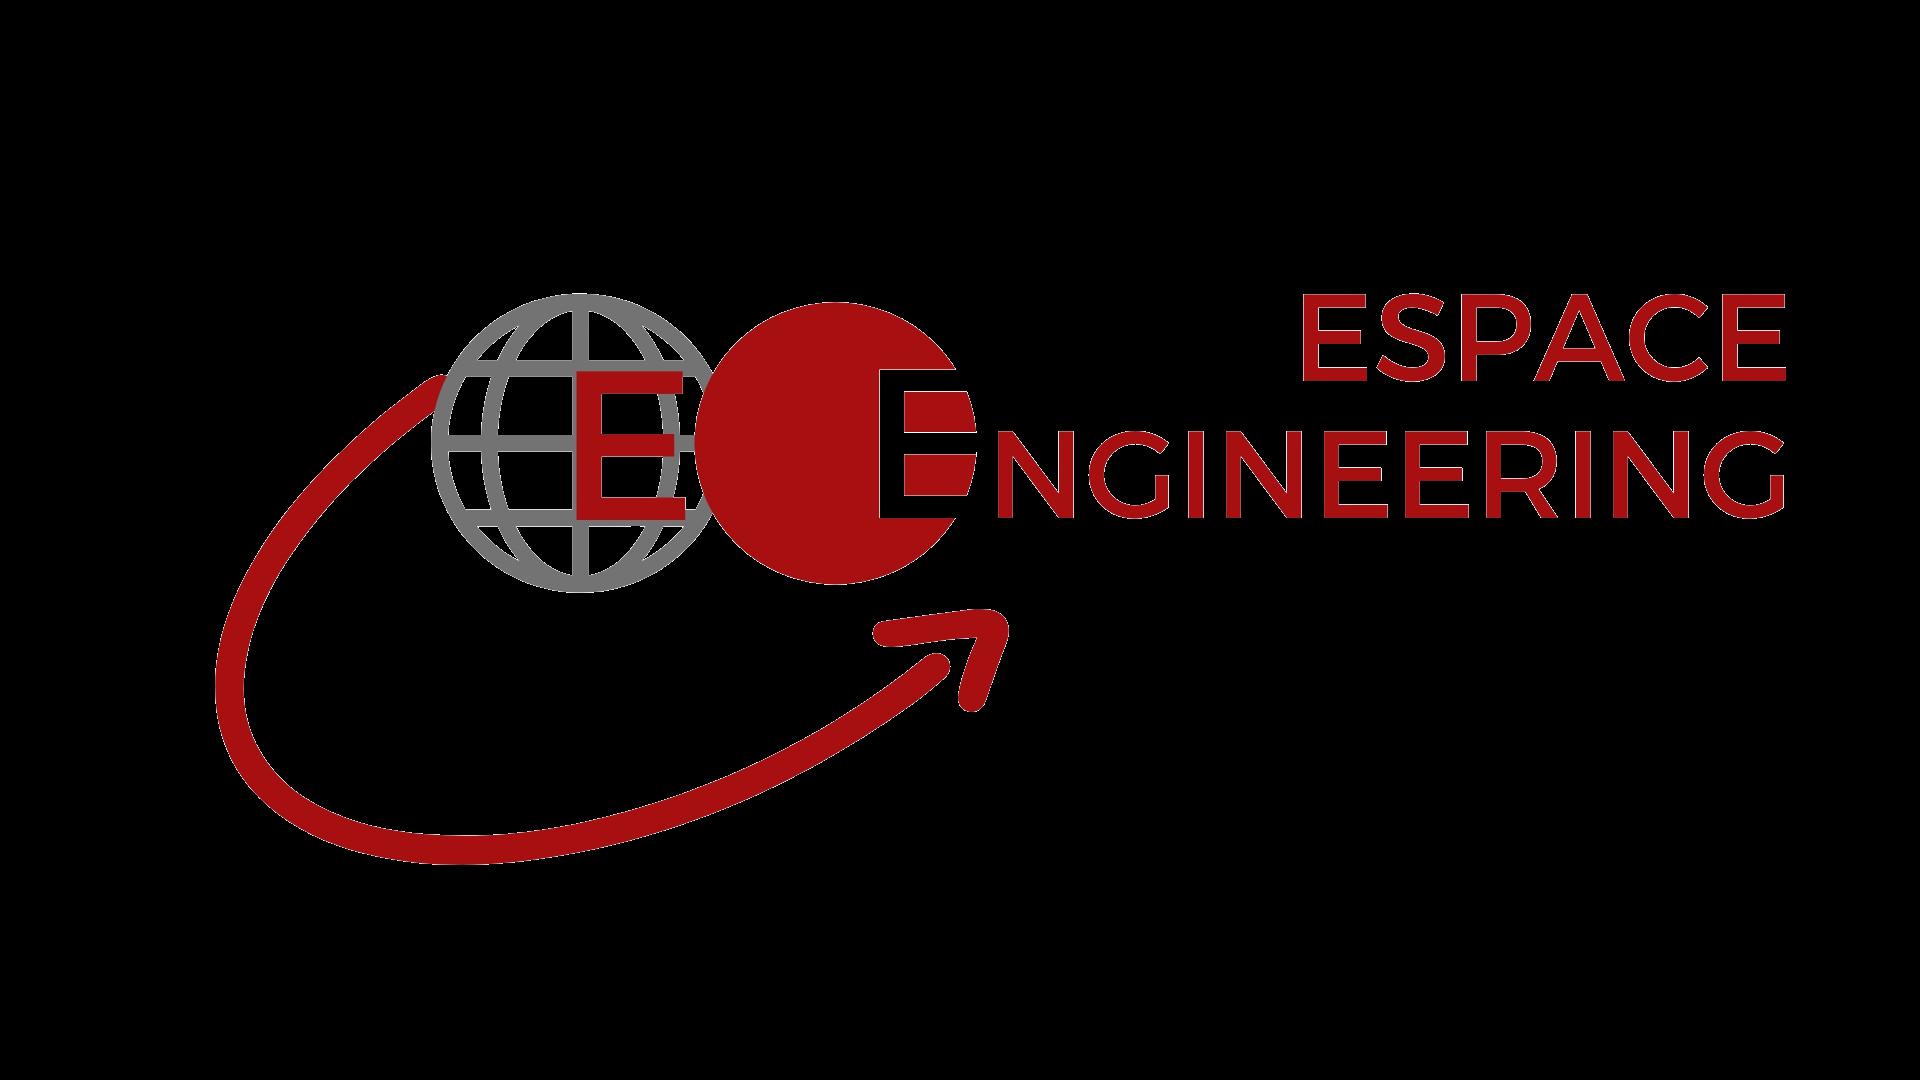 Espace Engineering